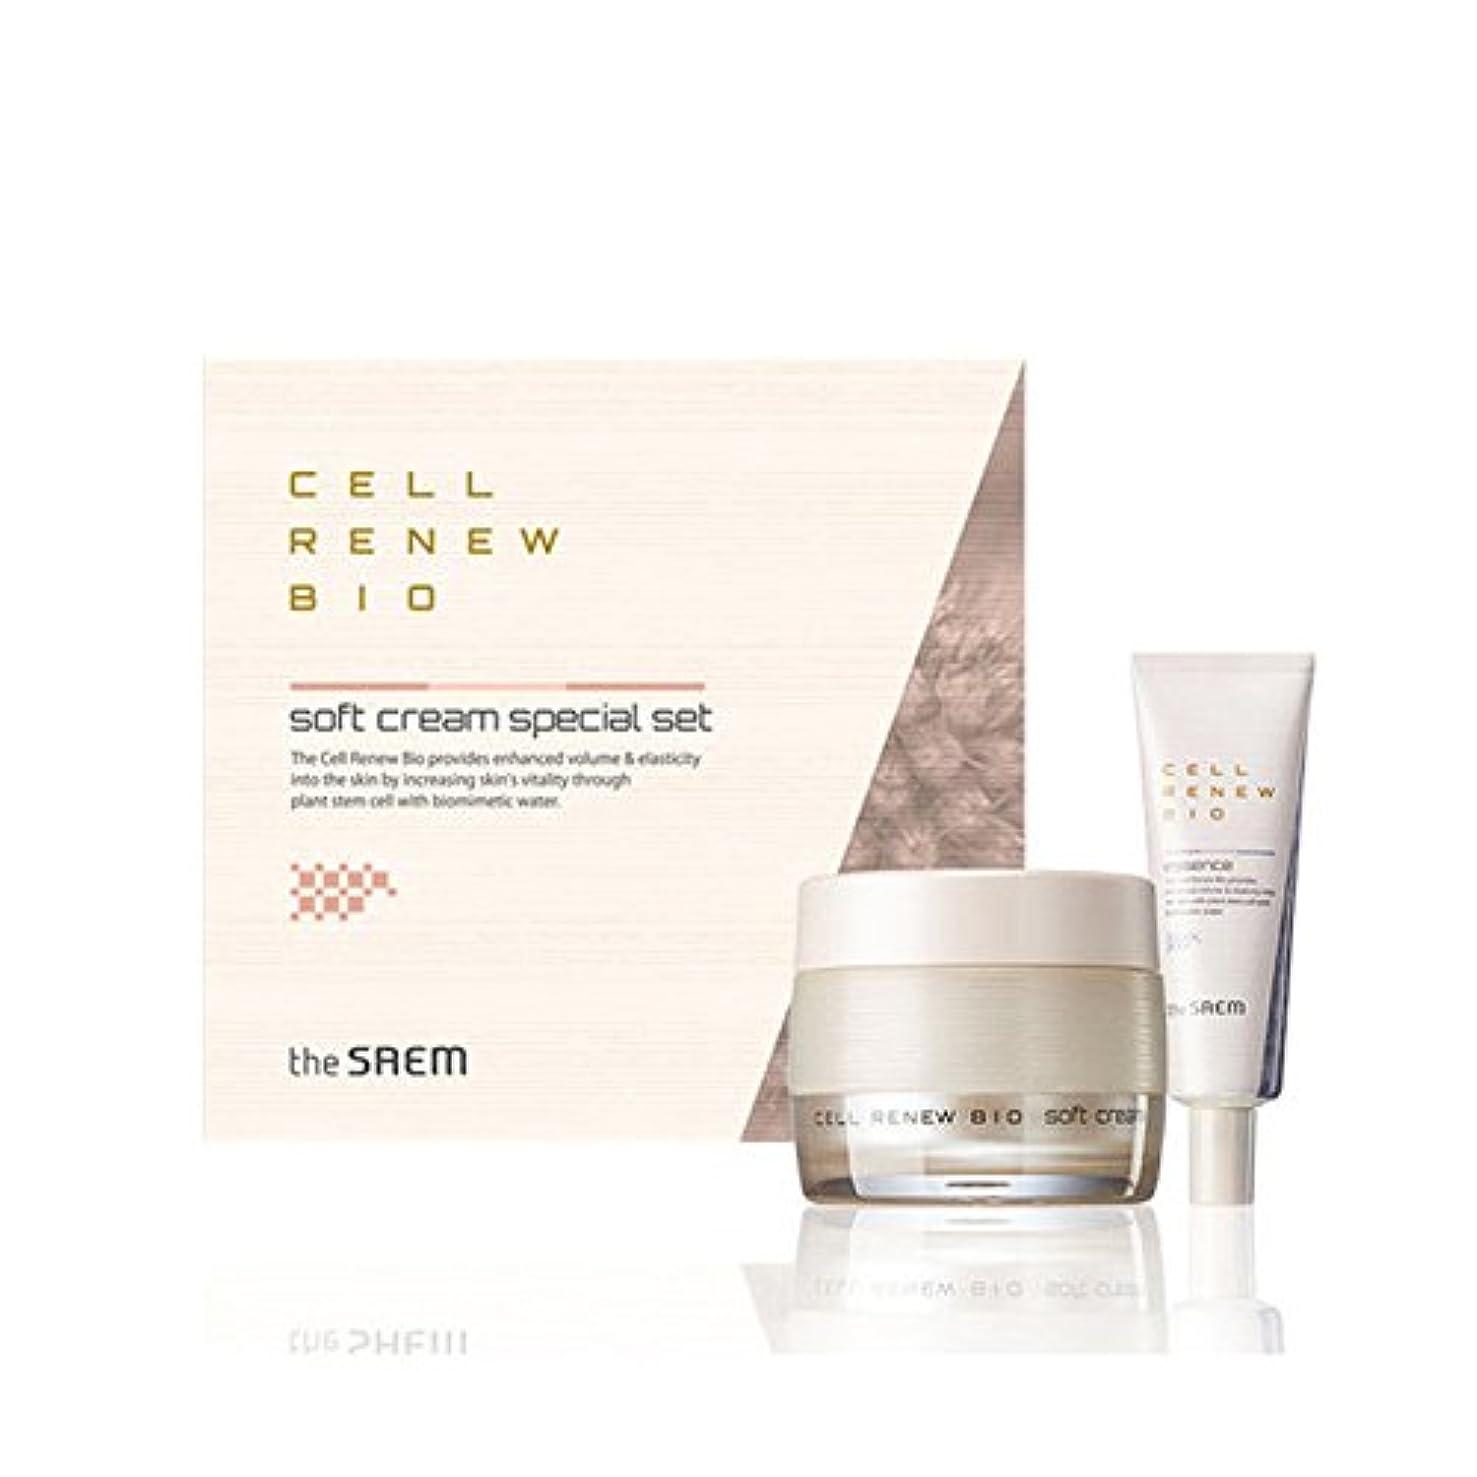 ひどいメンタル決定[ザセム] The Saem セルリニュー バイオ クリーム スペシャルセット Cell Renew Bio Cream Special Set (海外直送品) [並行輸入品]